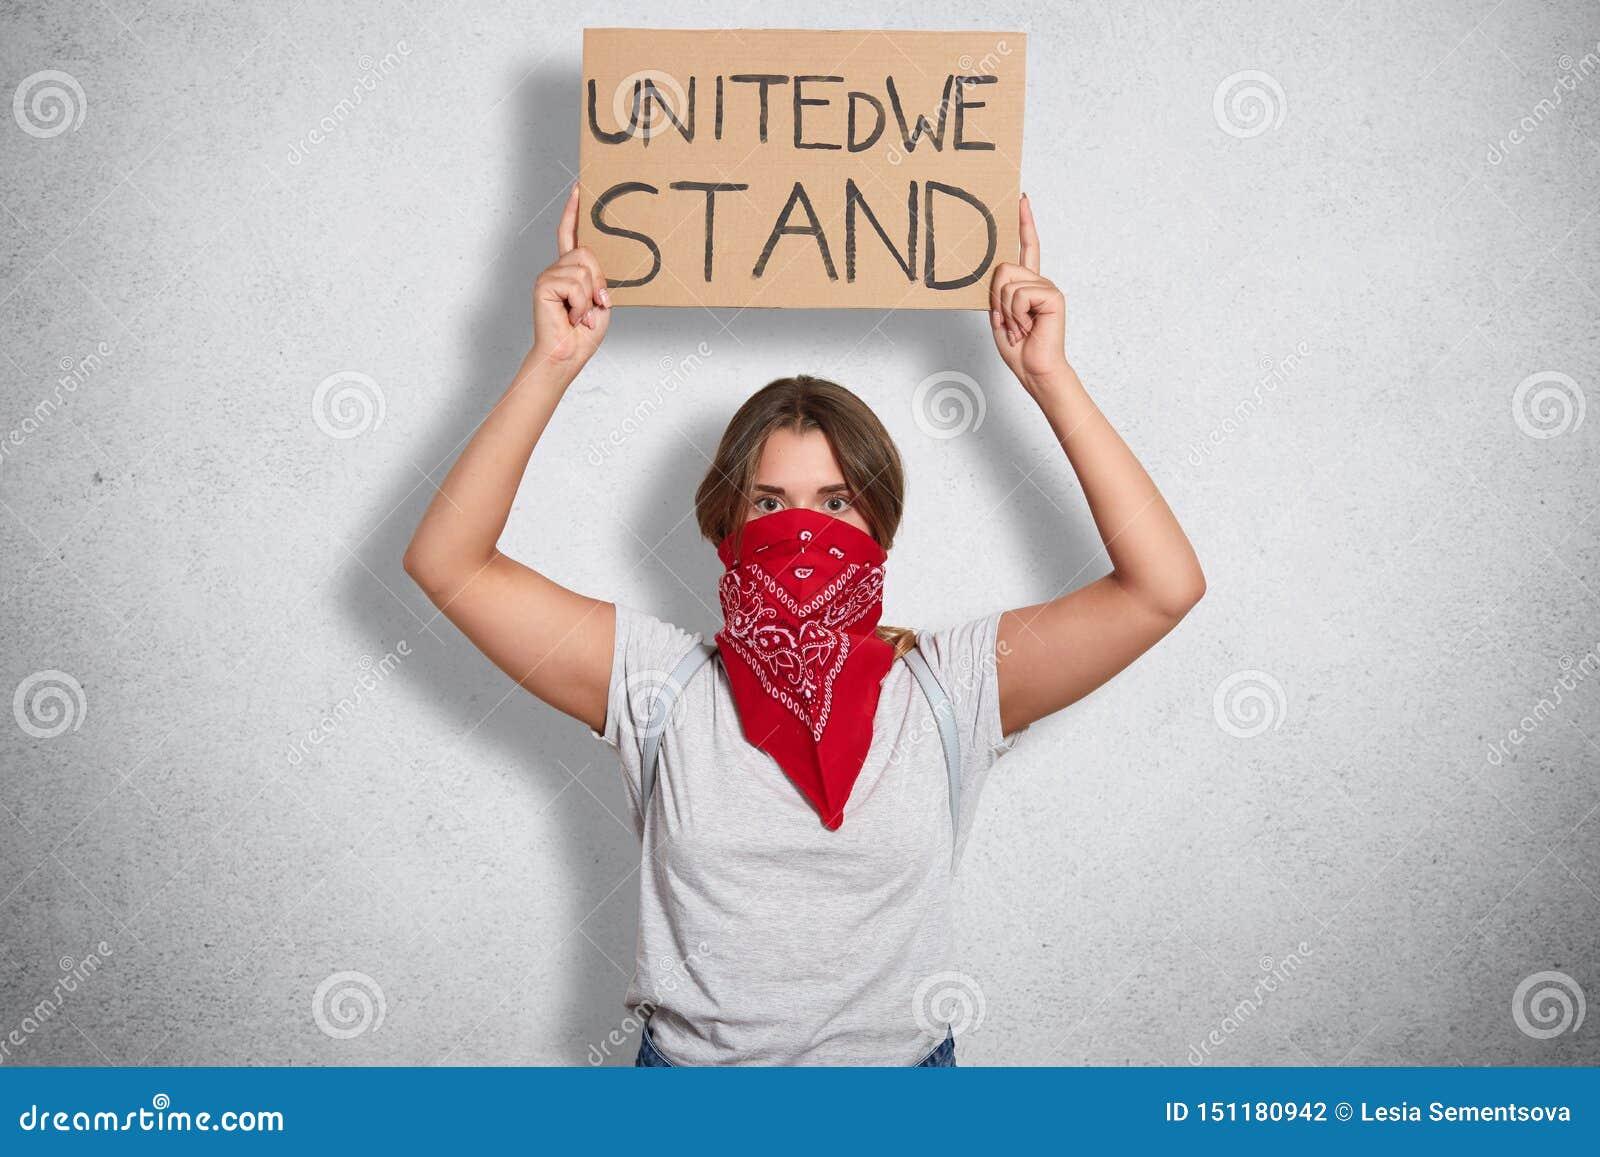 O tiro interno da mulher feminista corajoso que levanta o sinal com inscrição uniu-nos está, chamando para a unidade, vestindo a